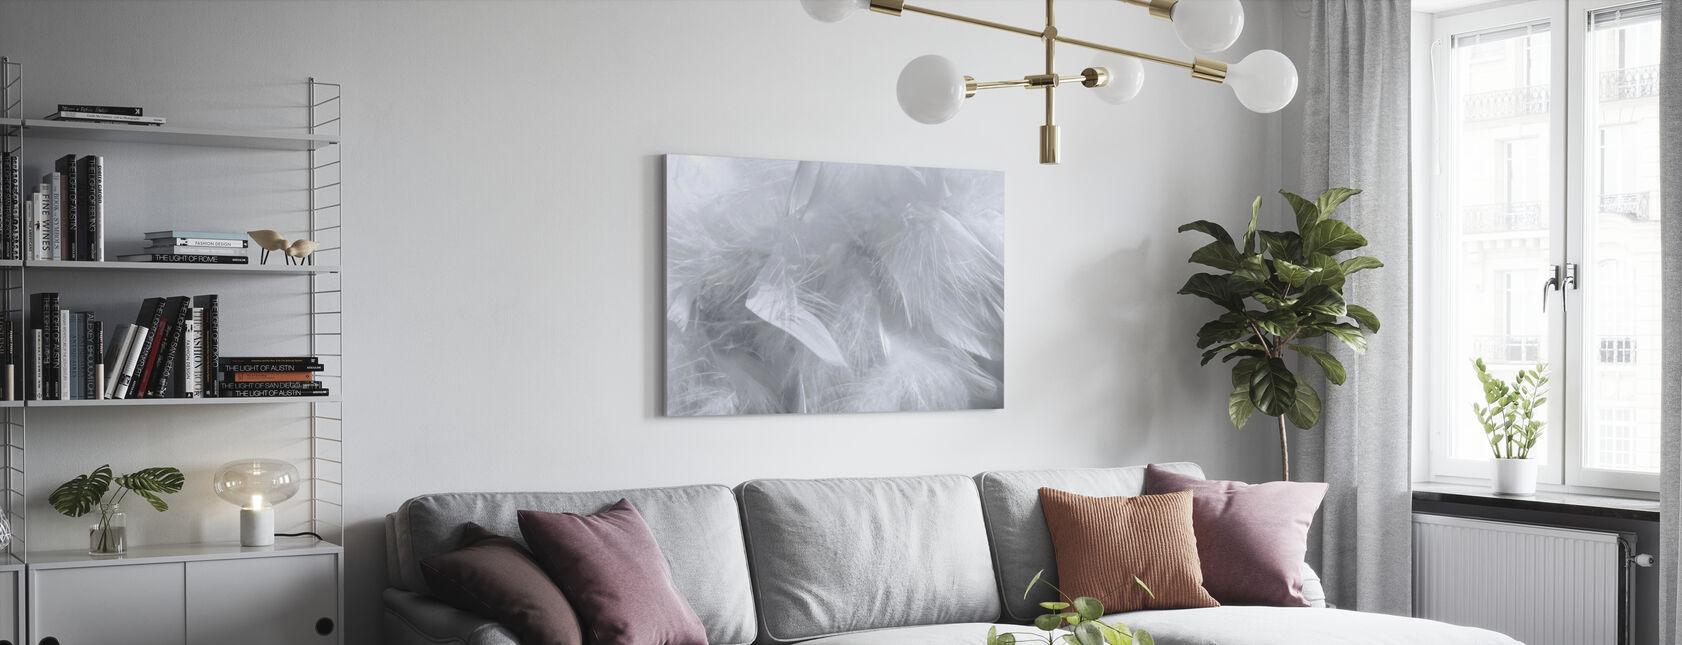 Patroon met veren - Canvas print - Woonkamer